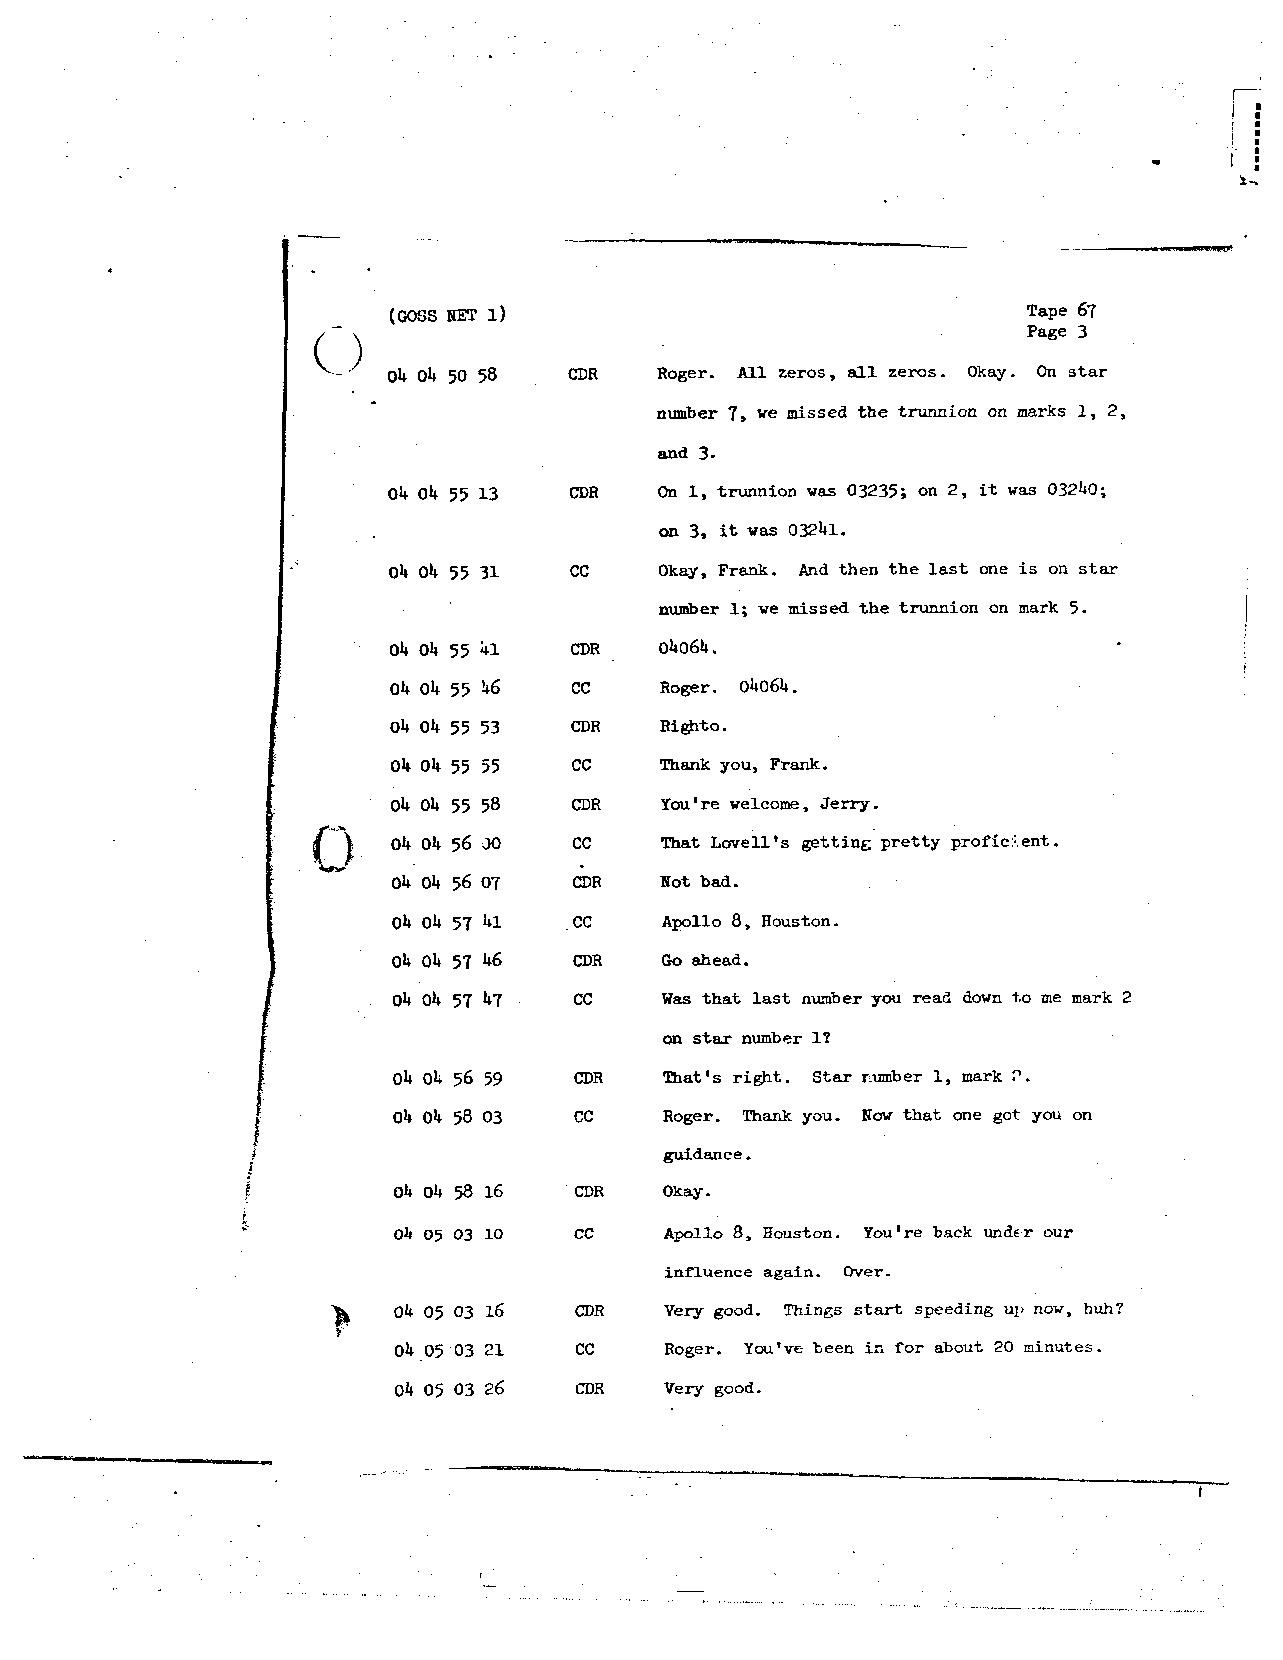 Page 529 of Apollo 8's original transcript